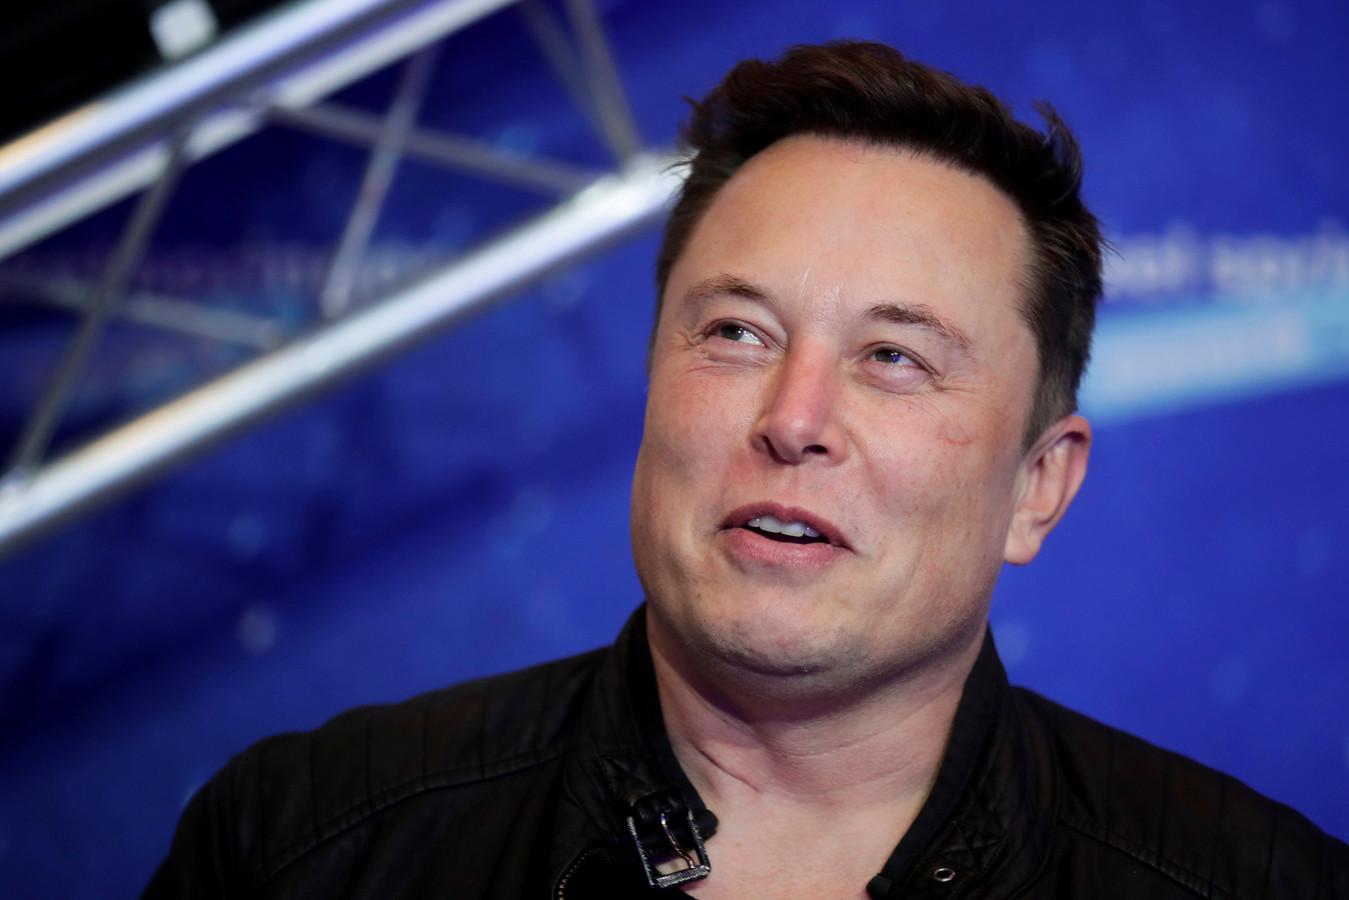 Elon Musk, topman van autobouwer Tesla en ruimtevaartbedrijf SpaceX, is de rijkste man op aarde. Hij onttroont daarmee Jeff Bezos, oprichter en baas van webwinkelconcern Amazon, zo wijst de miljardairsindex van persbureau Bloomberg uit.